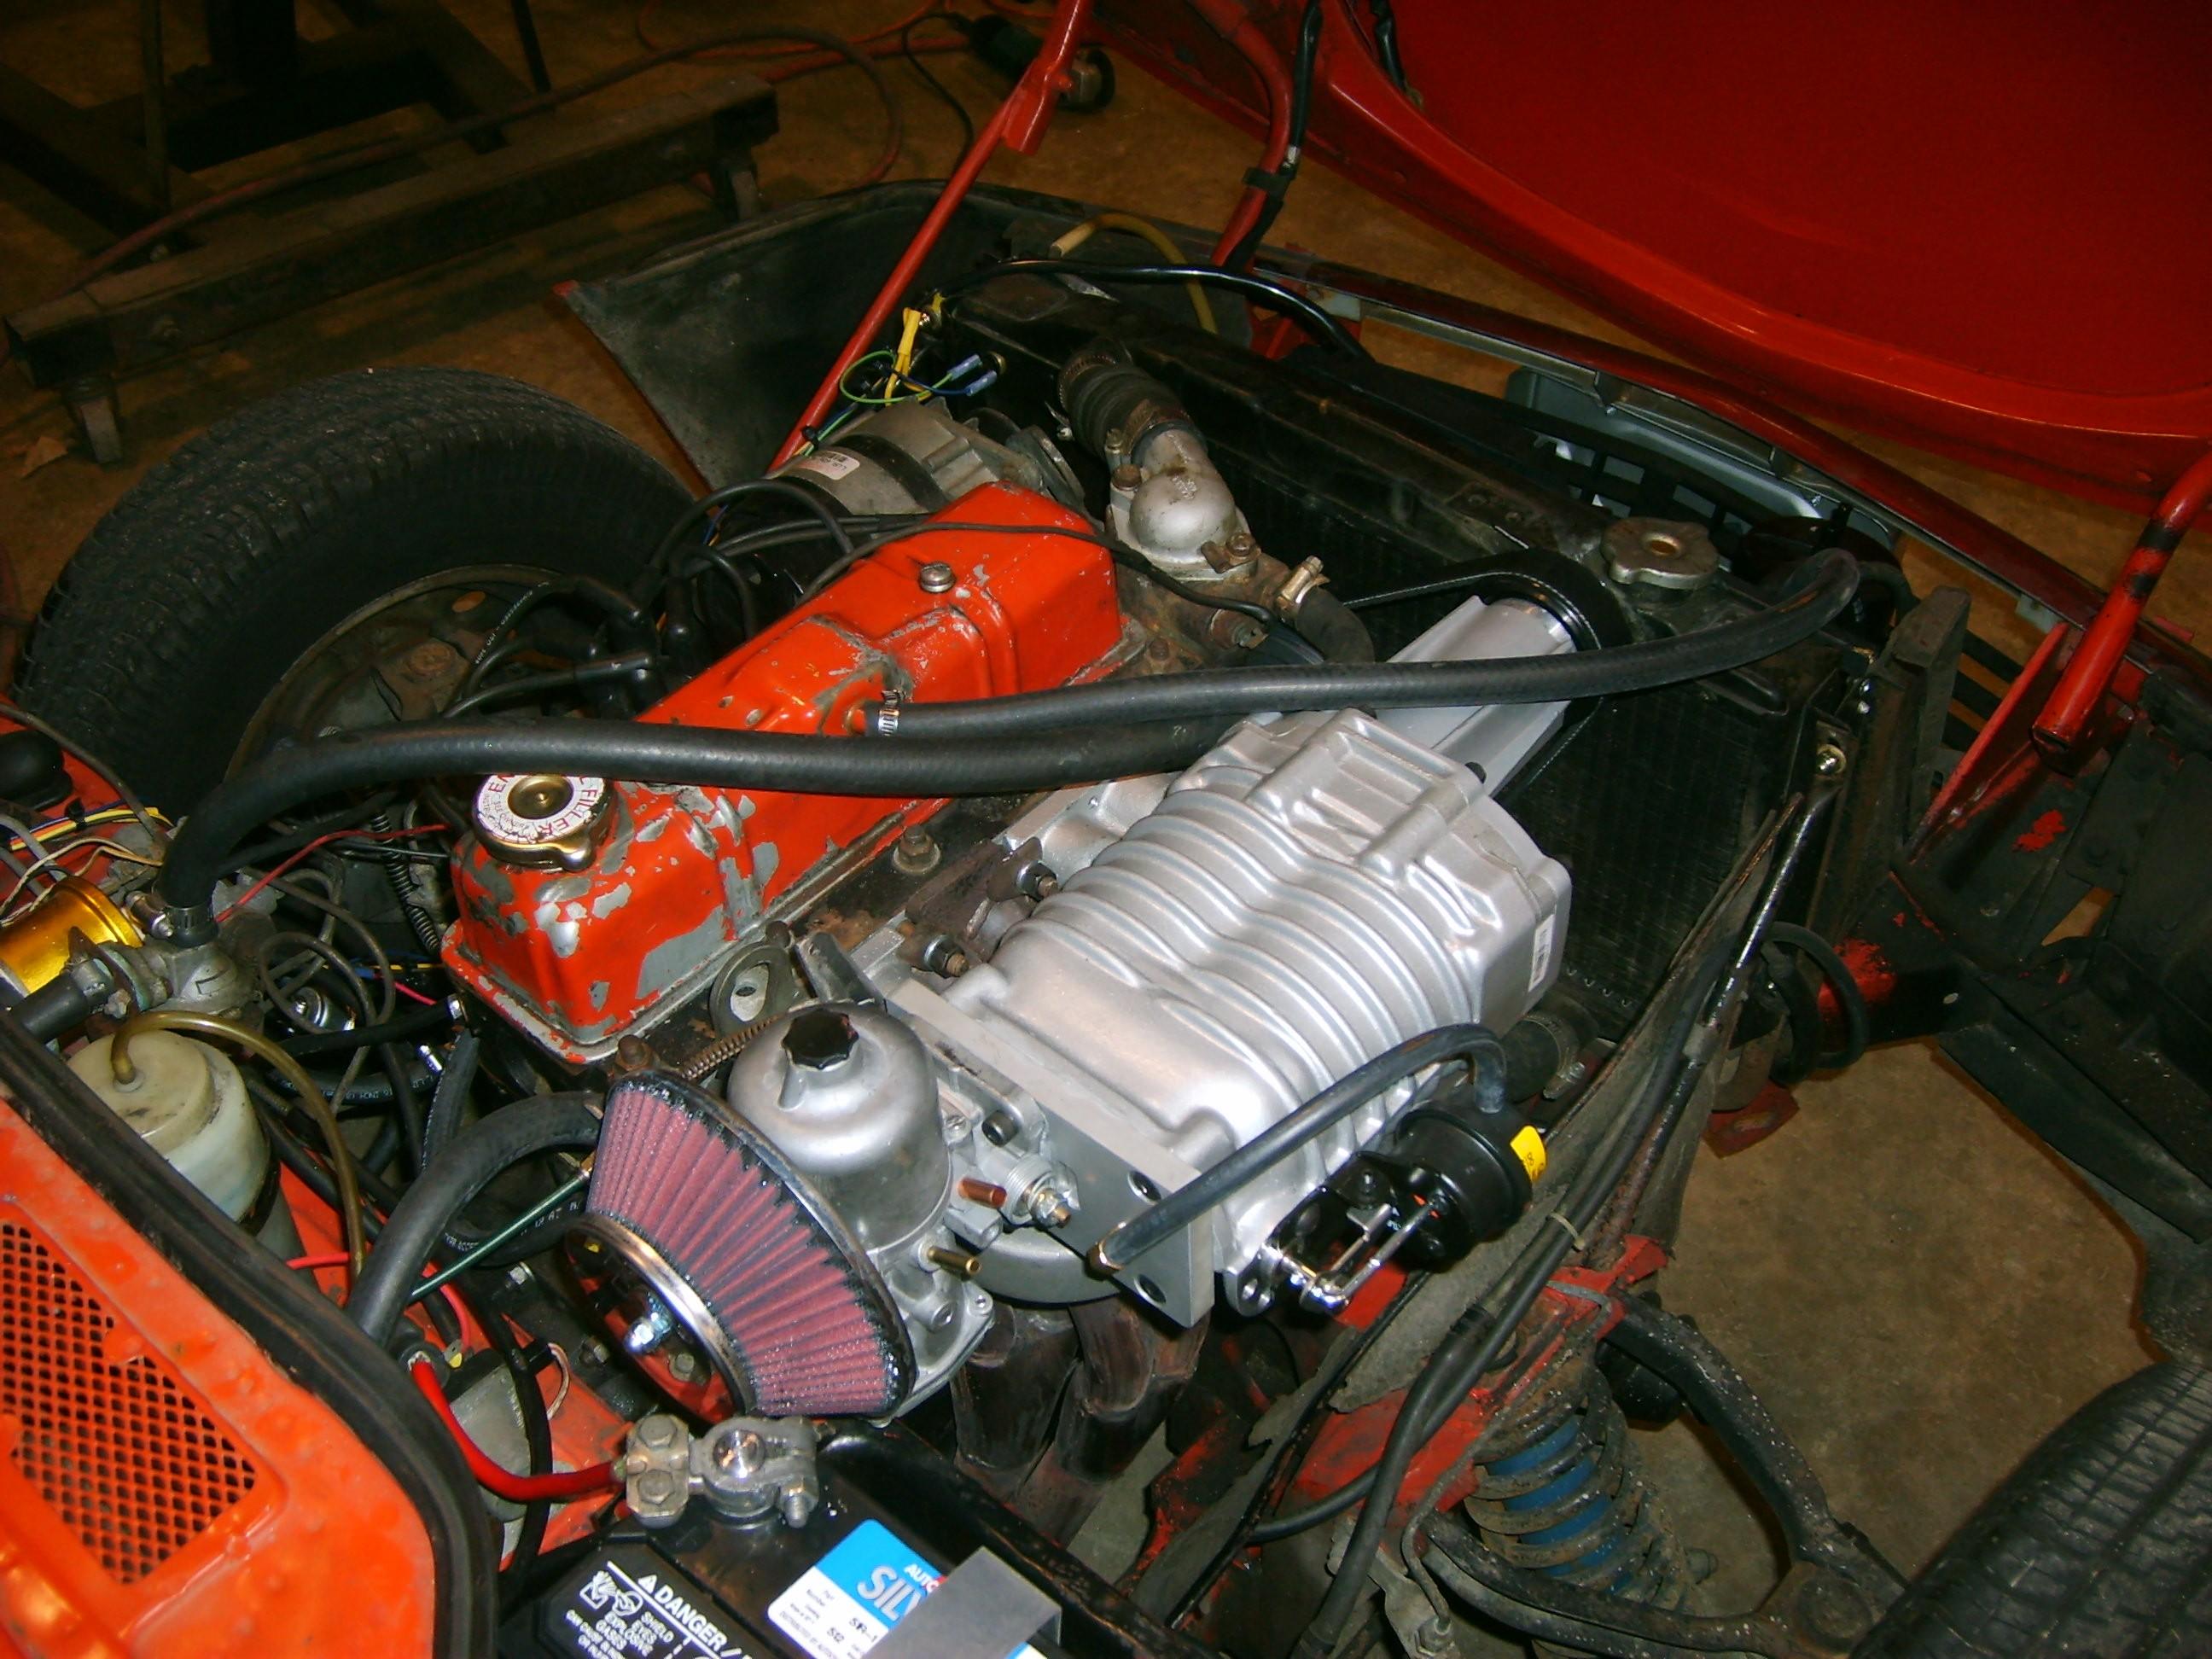 pics aug114, 06 Car parts 337